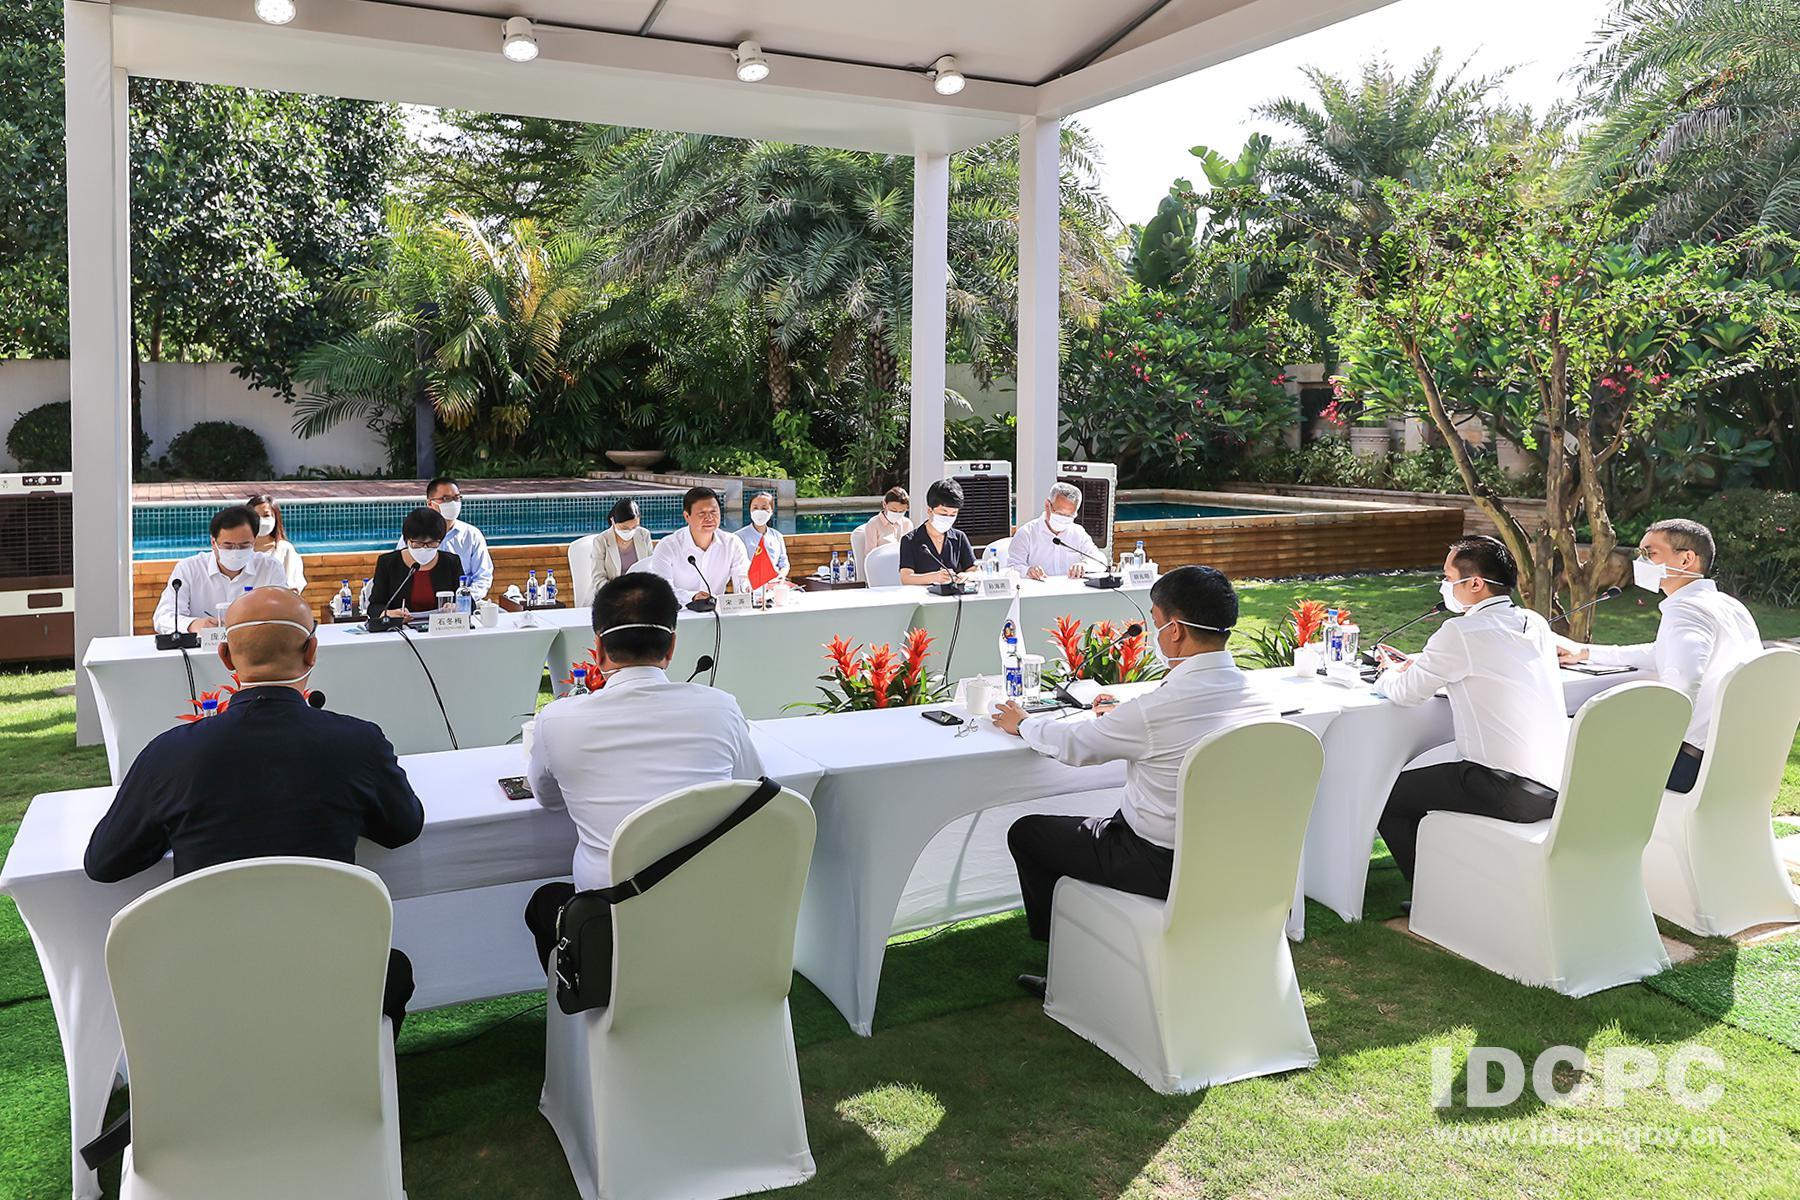 中共恢复线下对外交往,首位访华外国执政党负责人为何是他?图片